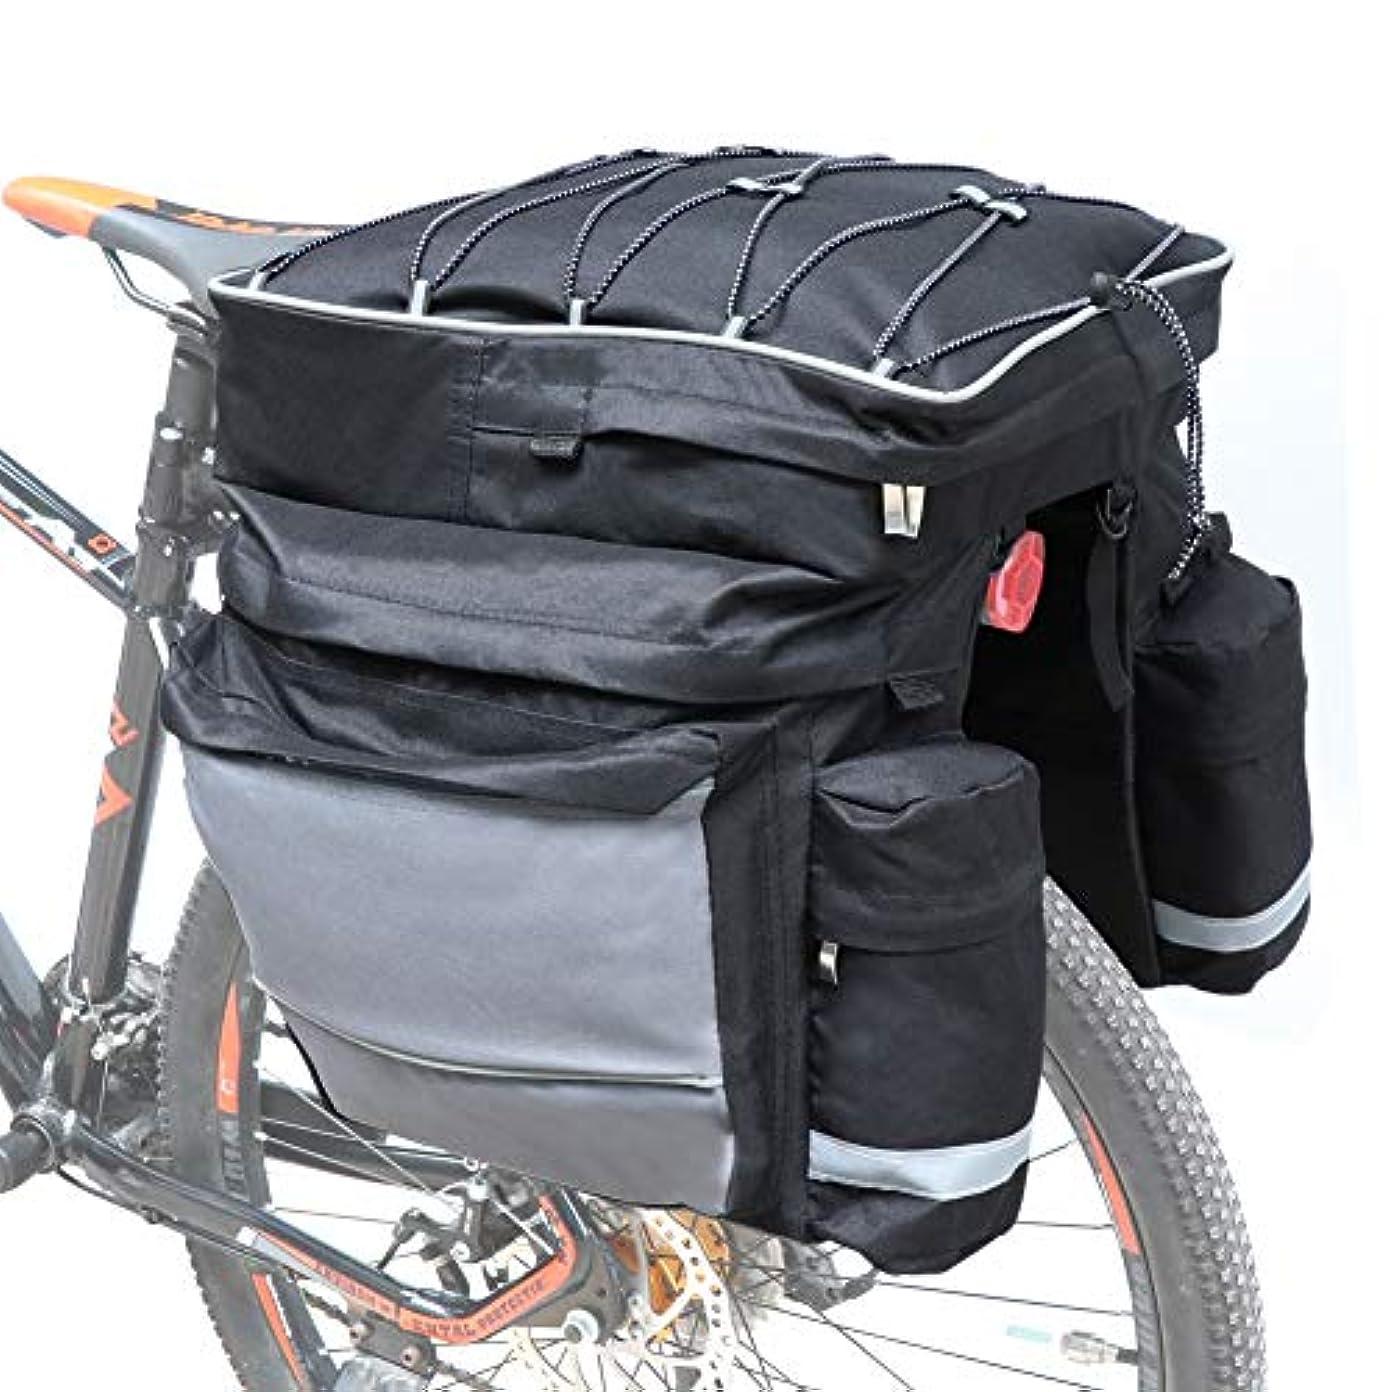 アフリカ泥沼検査COFIT リアシート大容量 サイドバッグ/パニアバッグ - 25L / 68L 自転車 サイクリング 用